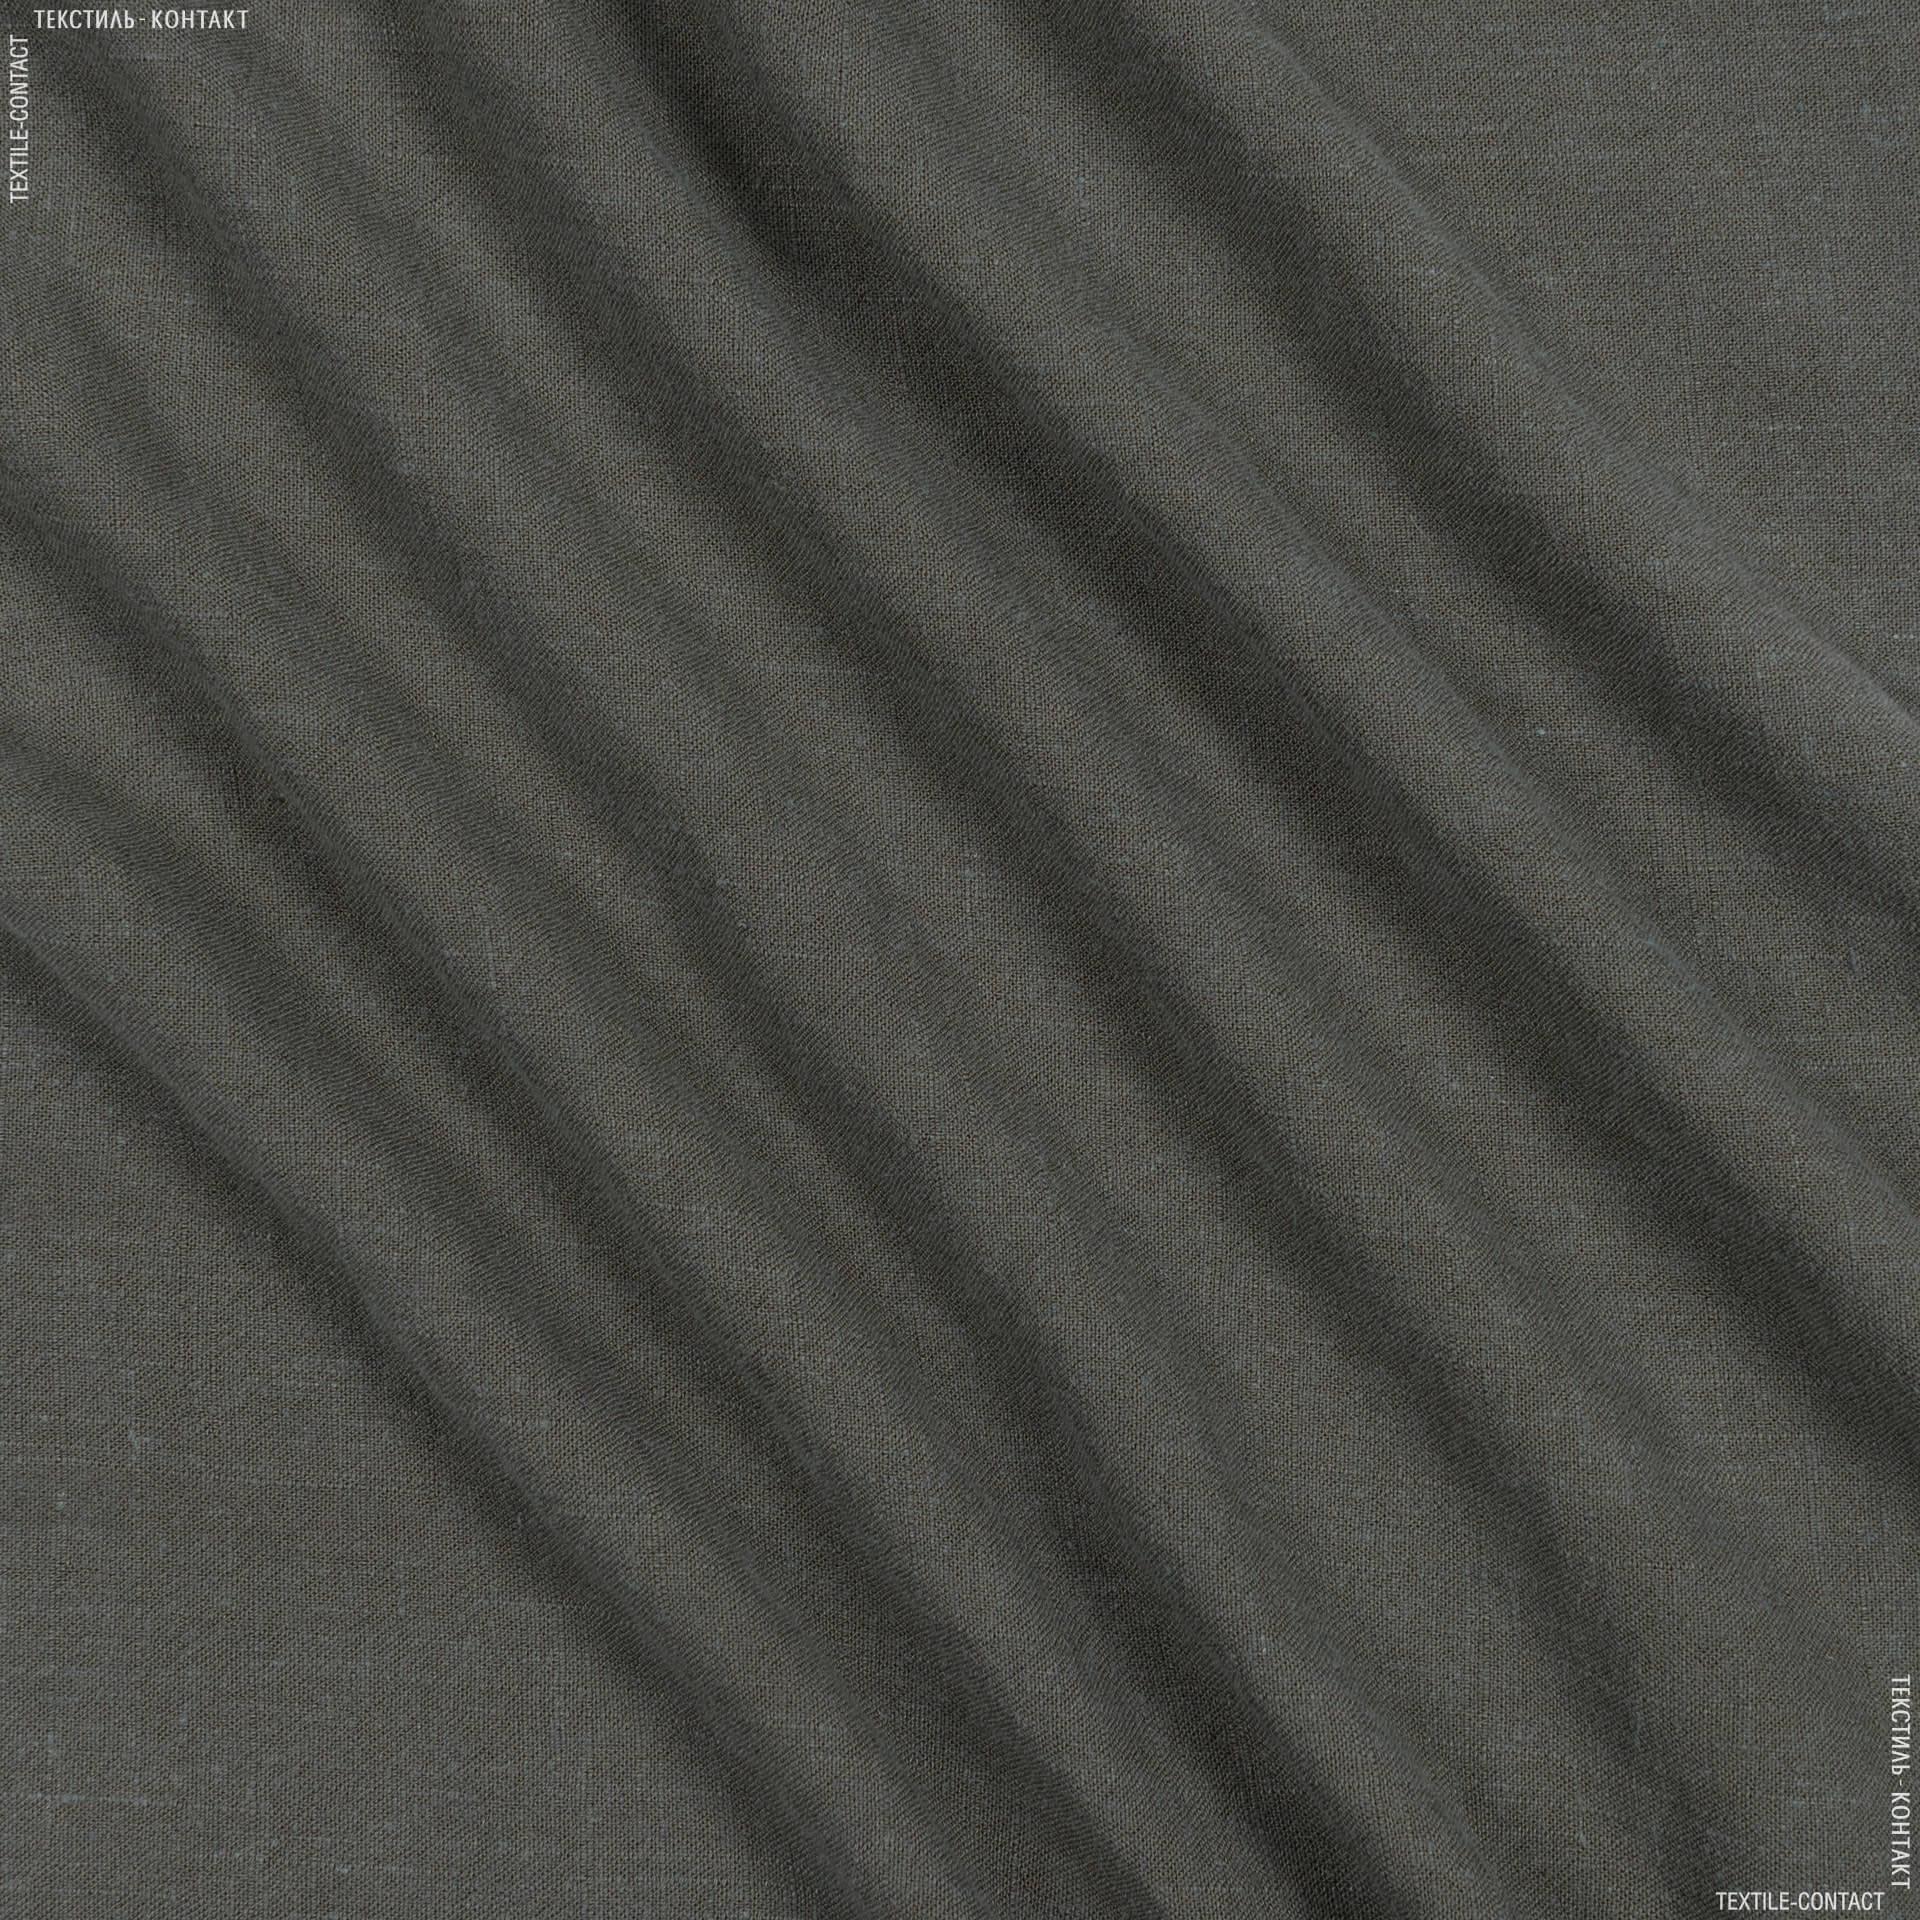 Тканини для штанів - Льон-котон сіро-зелений